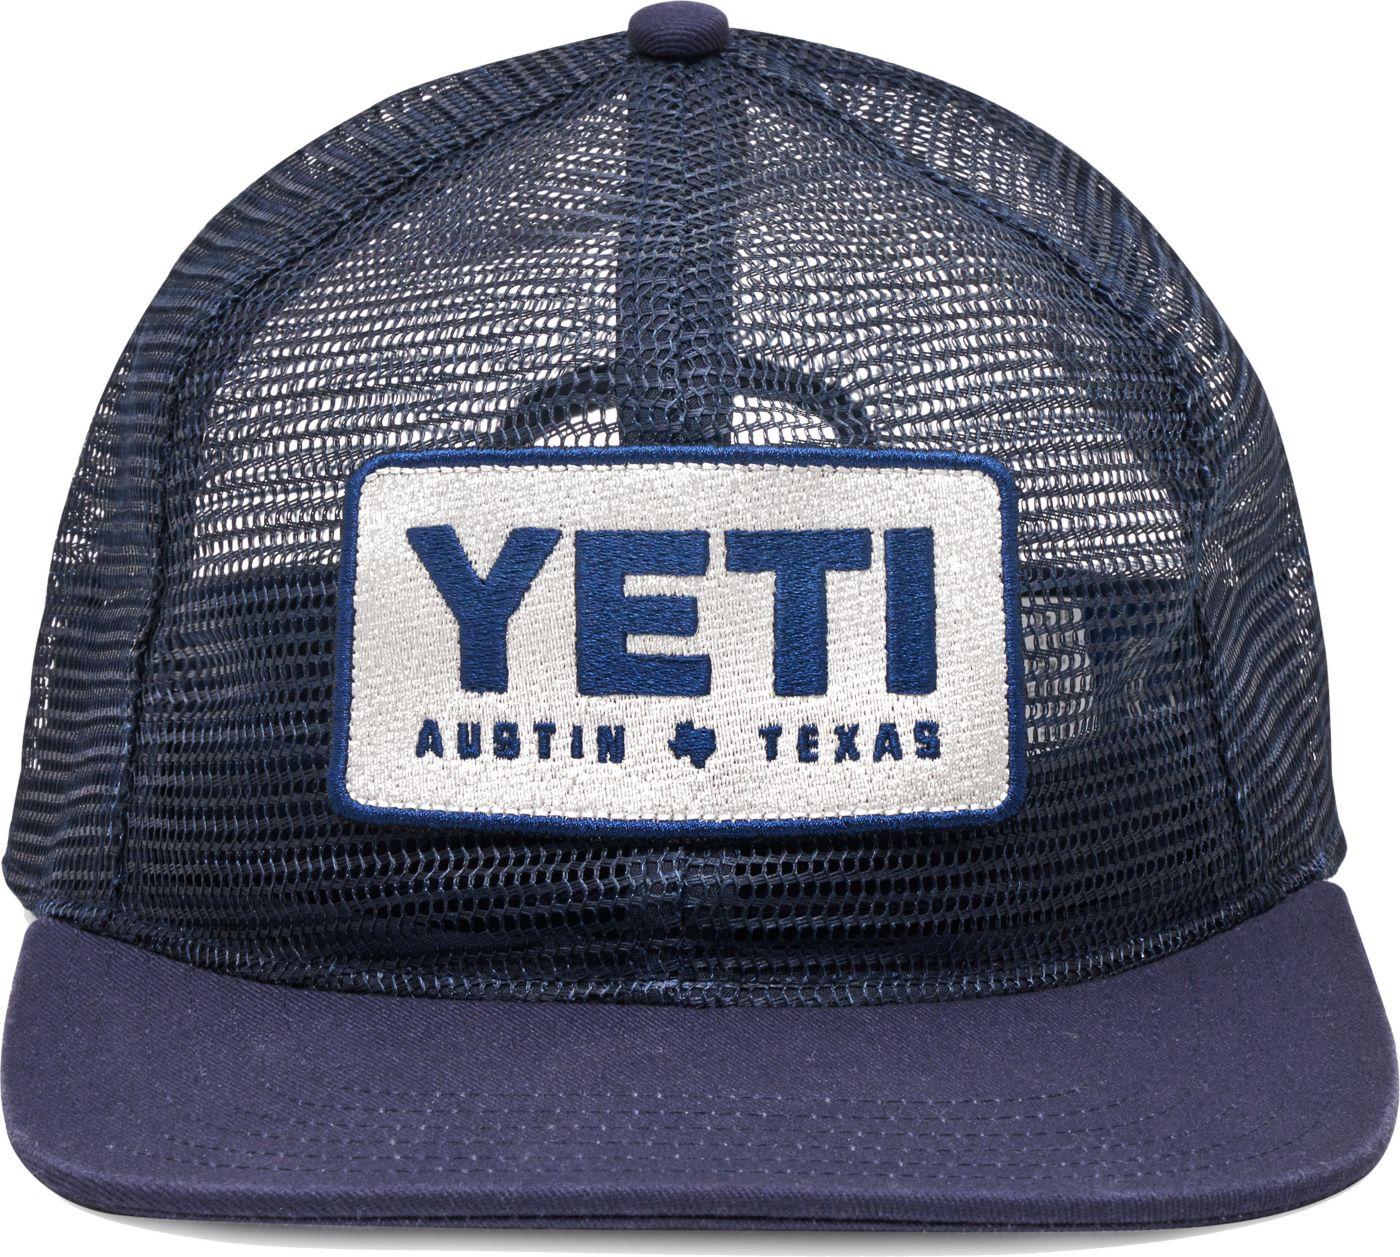 Meshy Trucker Hat